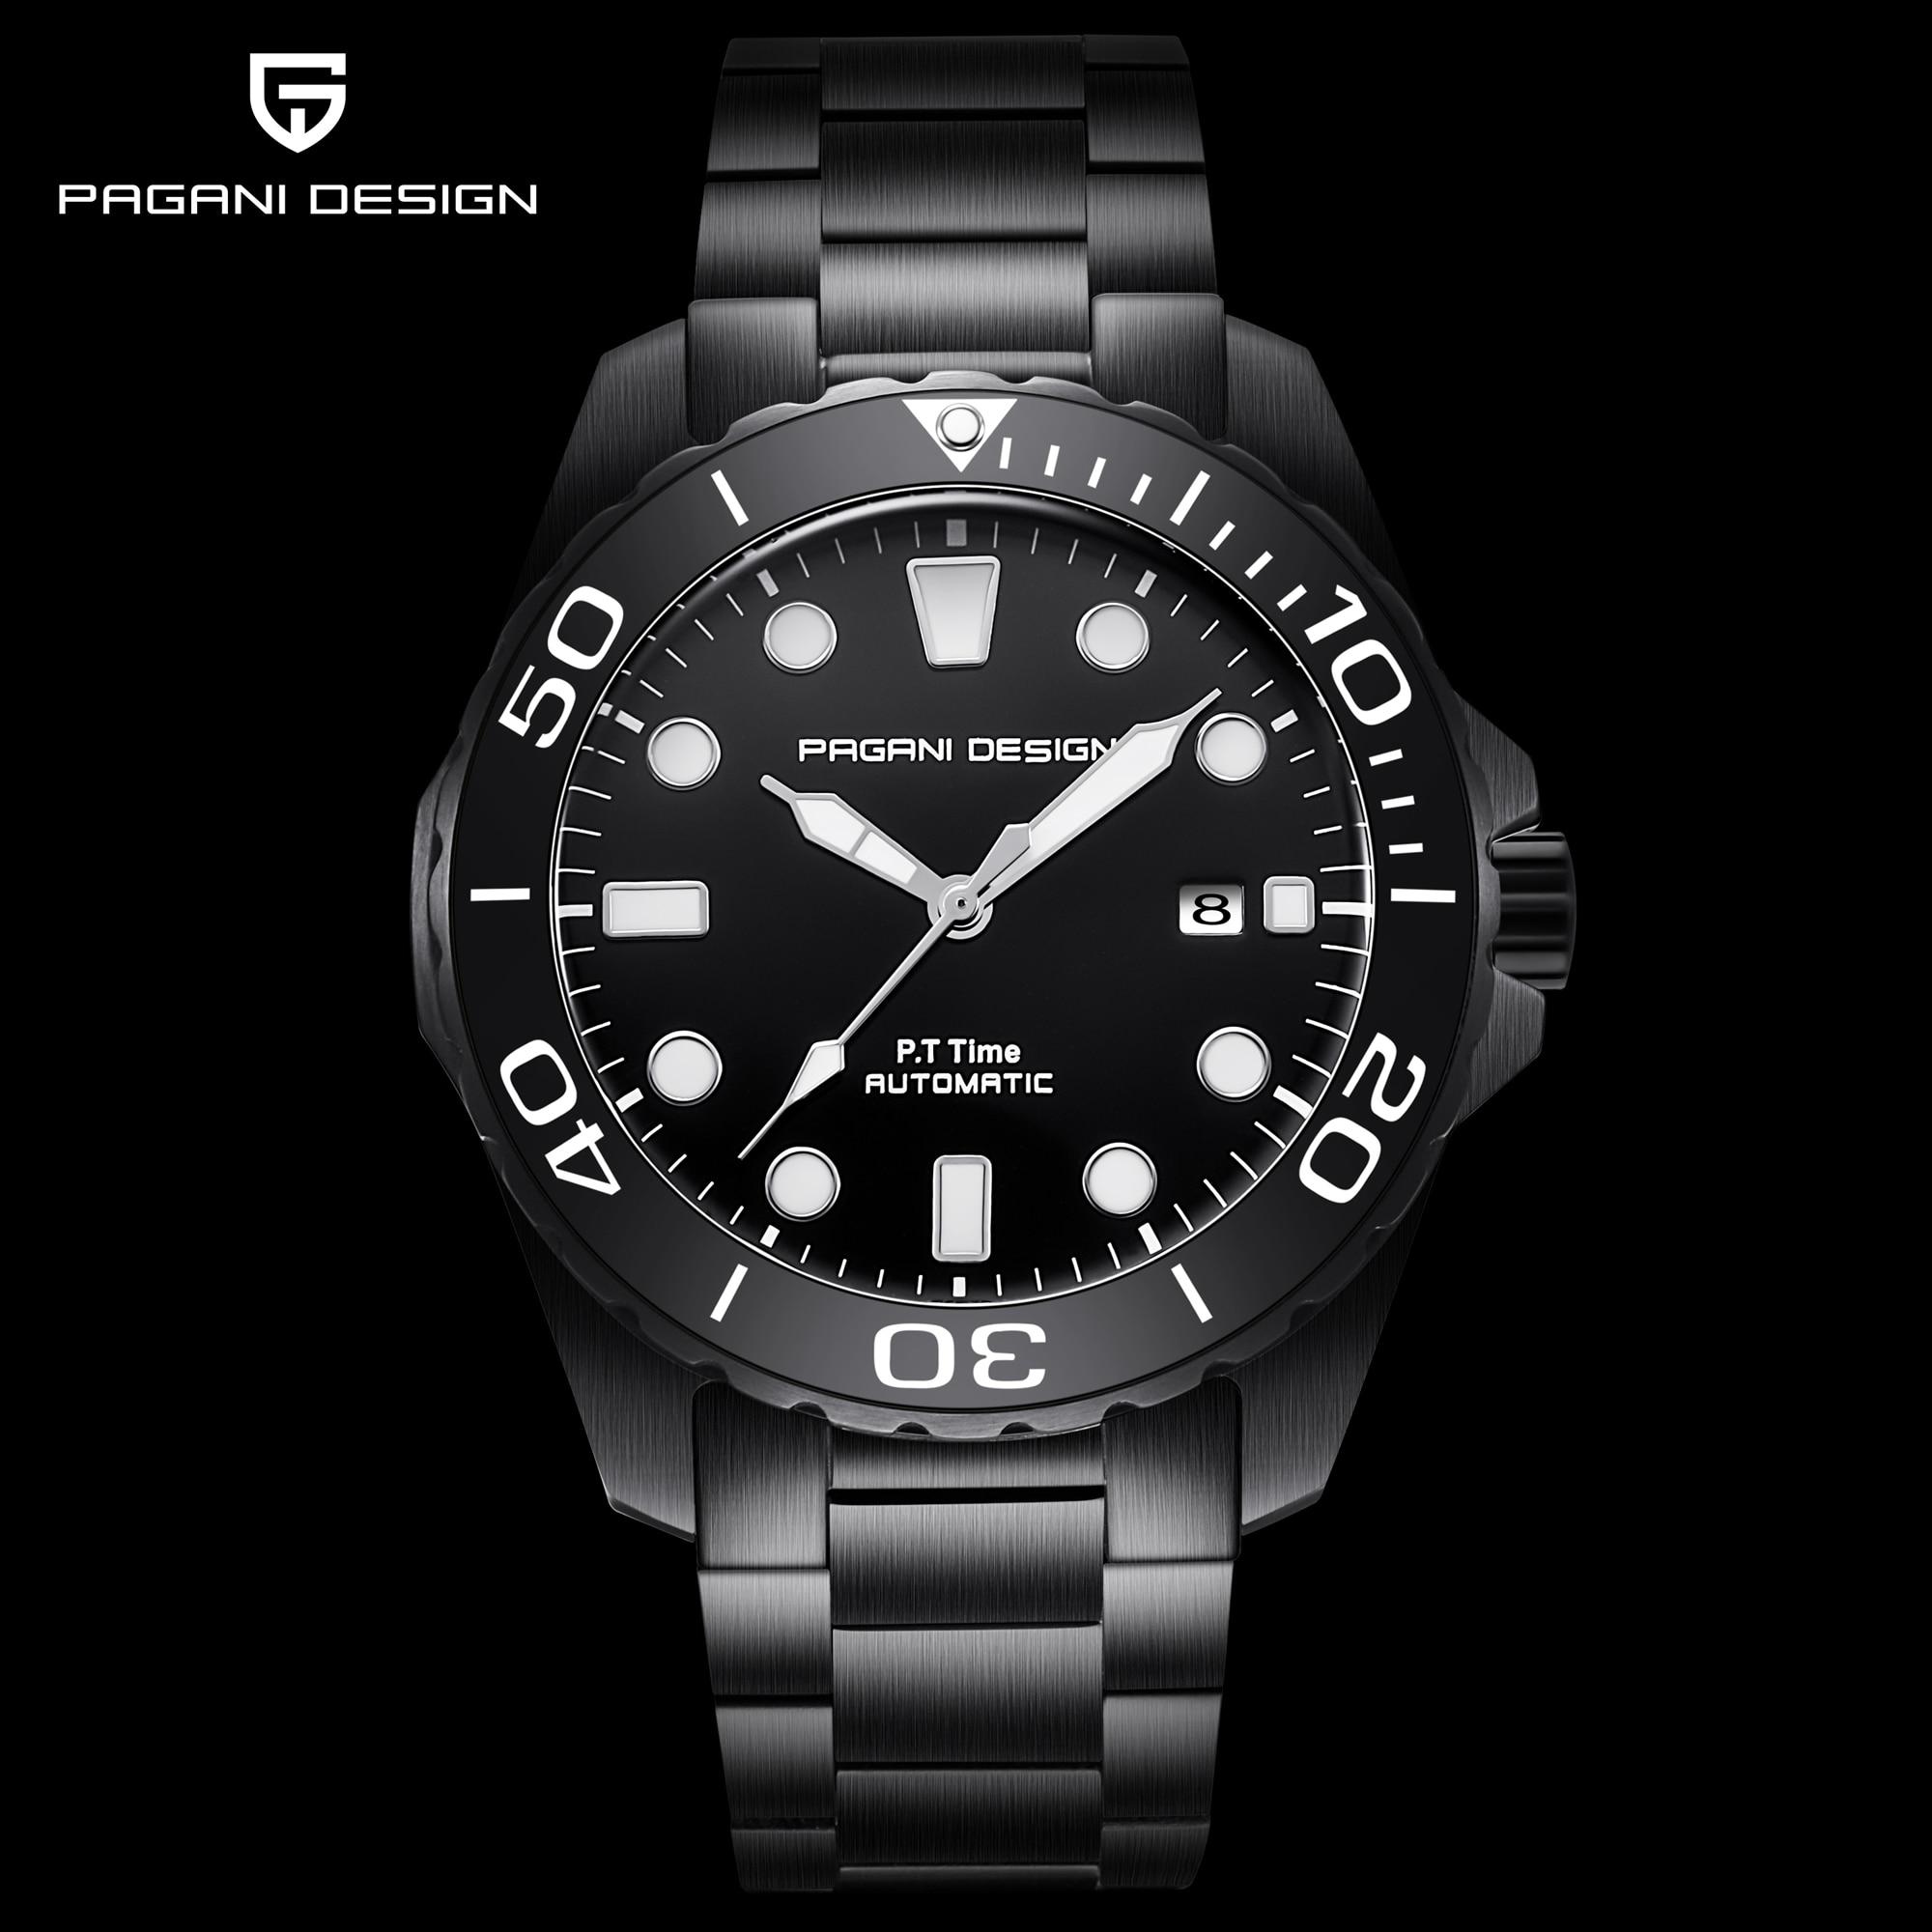 PAGANI DESIGN 2019 nouveau Sport affaires en acier inoxydable hommes montres marque de luxe hommes mode mécanique montre-bracelet livraison directe